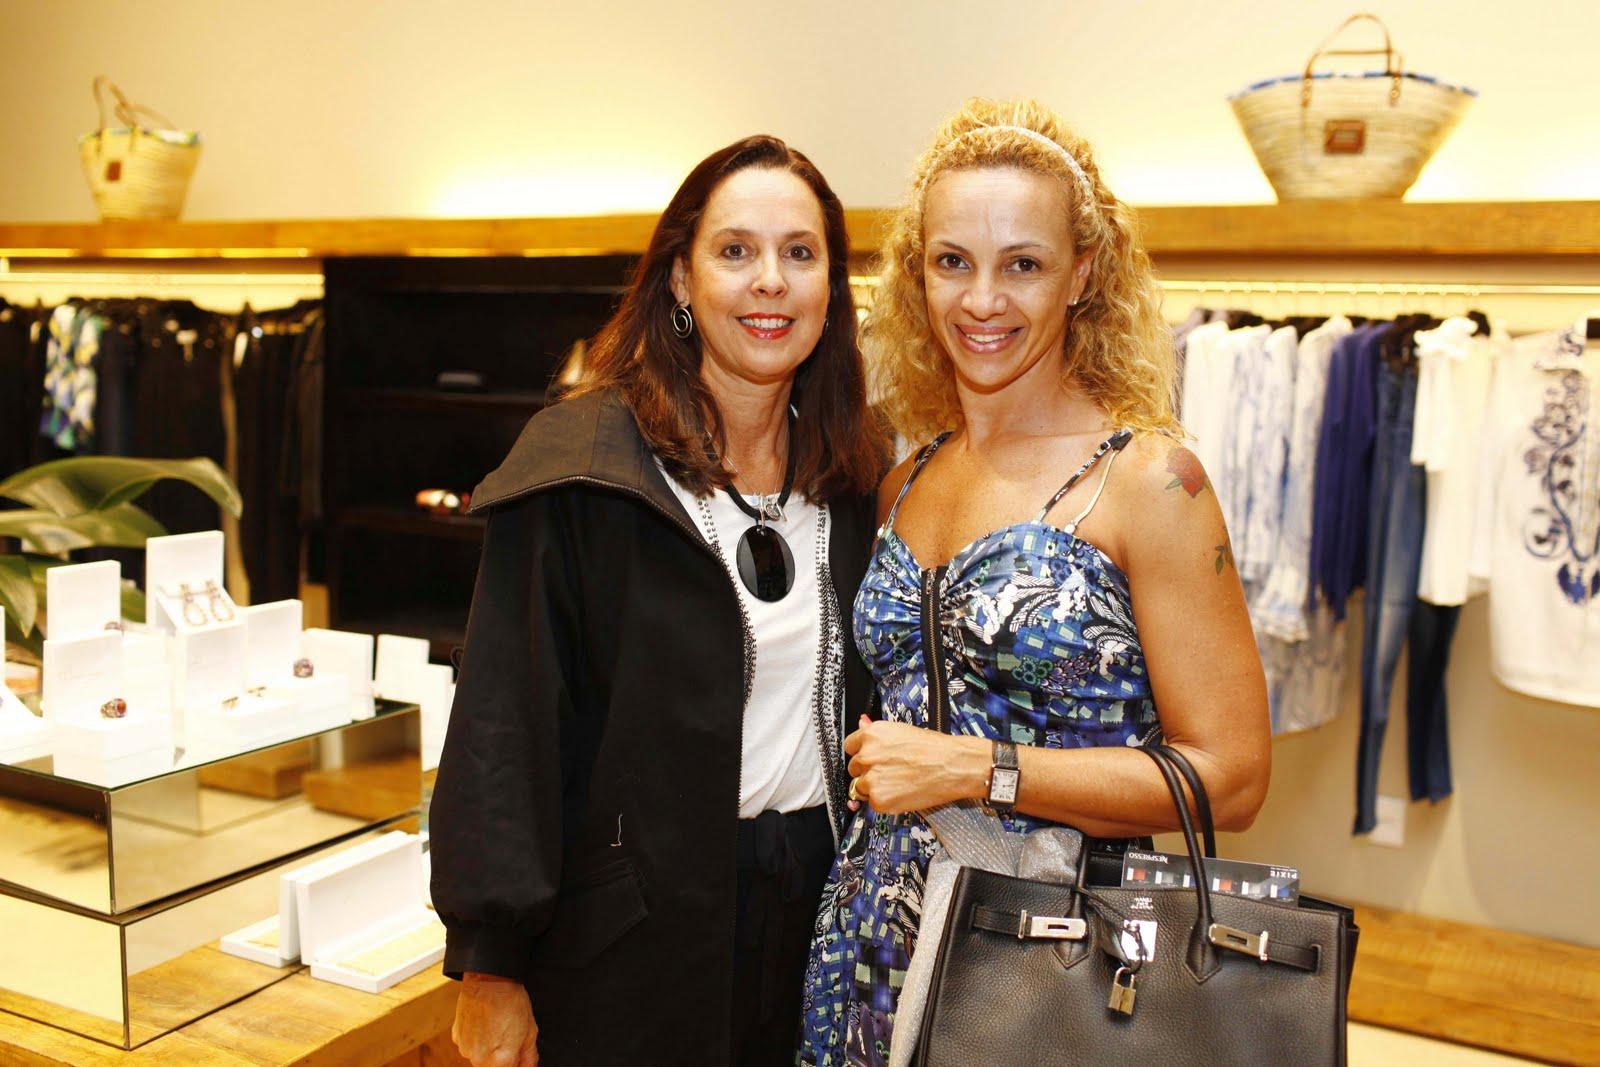 http://1.bp.blogspot.com/-58A9CFsUa8w/TcwV-9E8MfI/AAAAAAAABuA/tDTi6U8meAc/s1600/Carla+Os%25C3%25B3rio+e+Paula+Santana.JPG